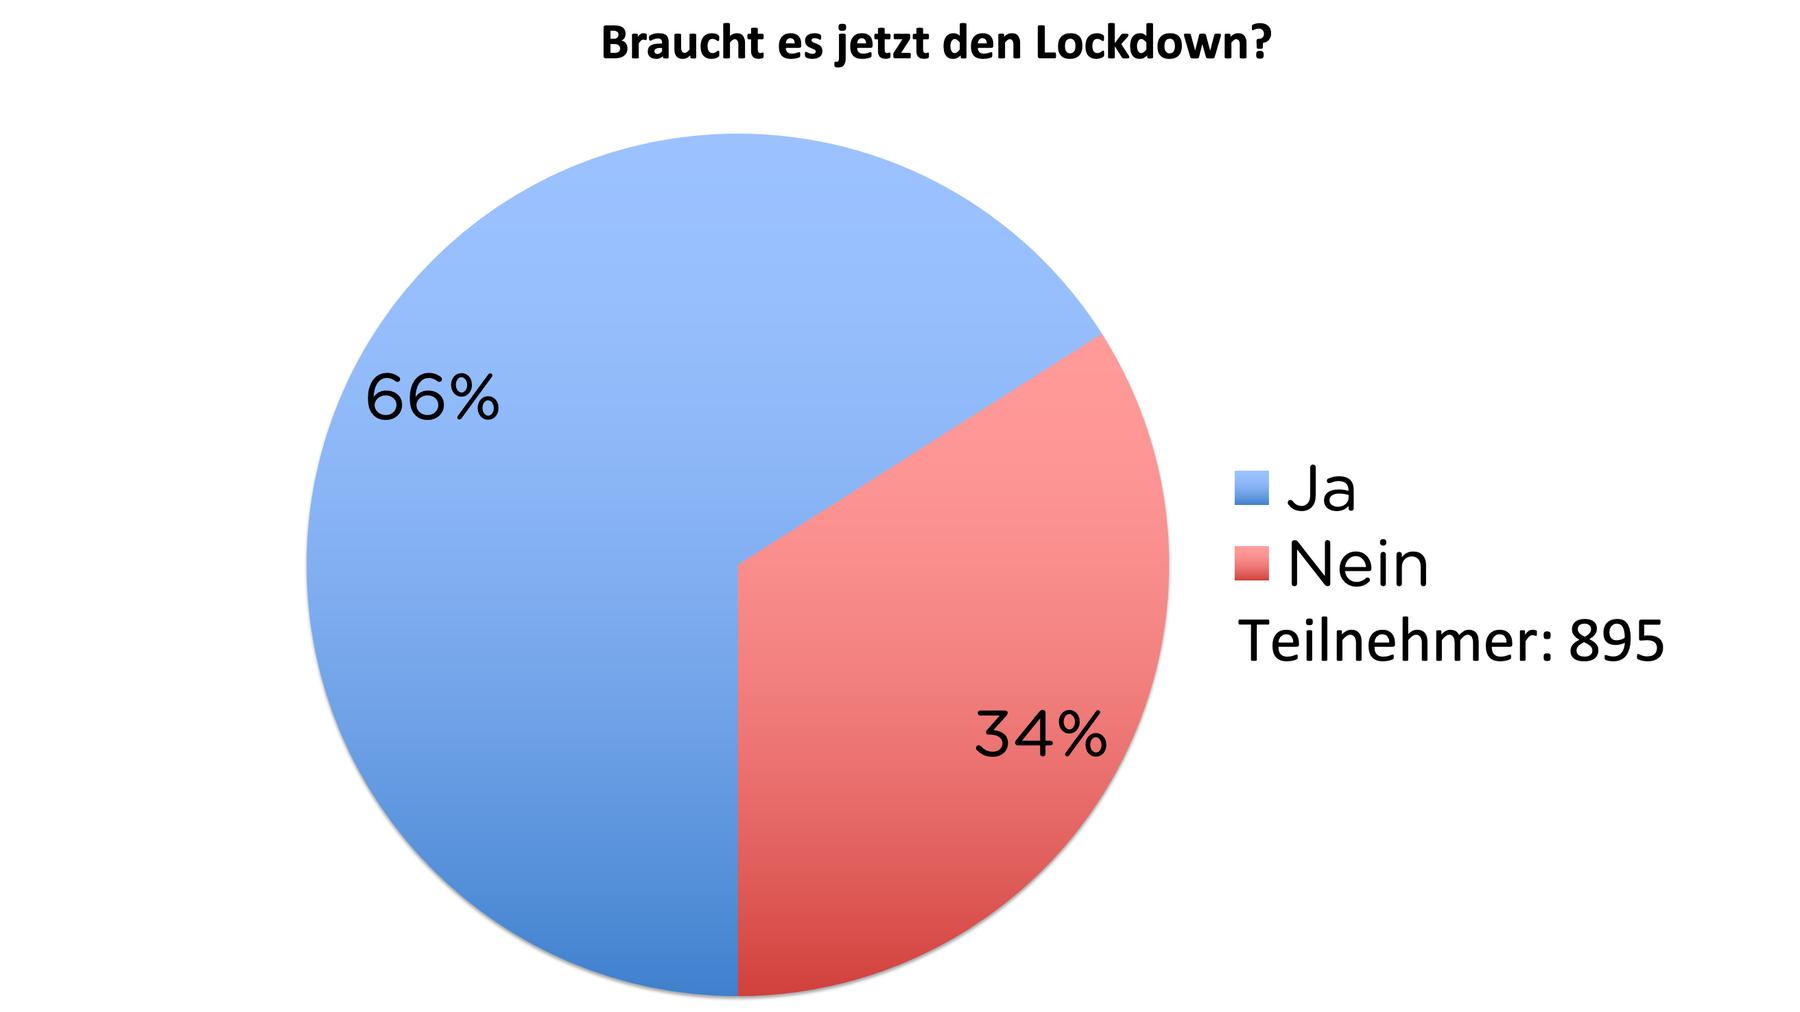 Umfrage: Braucht es jetzt den Lockdown?